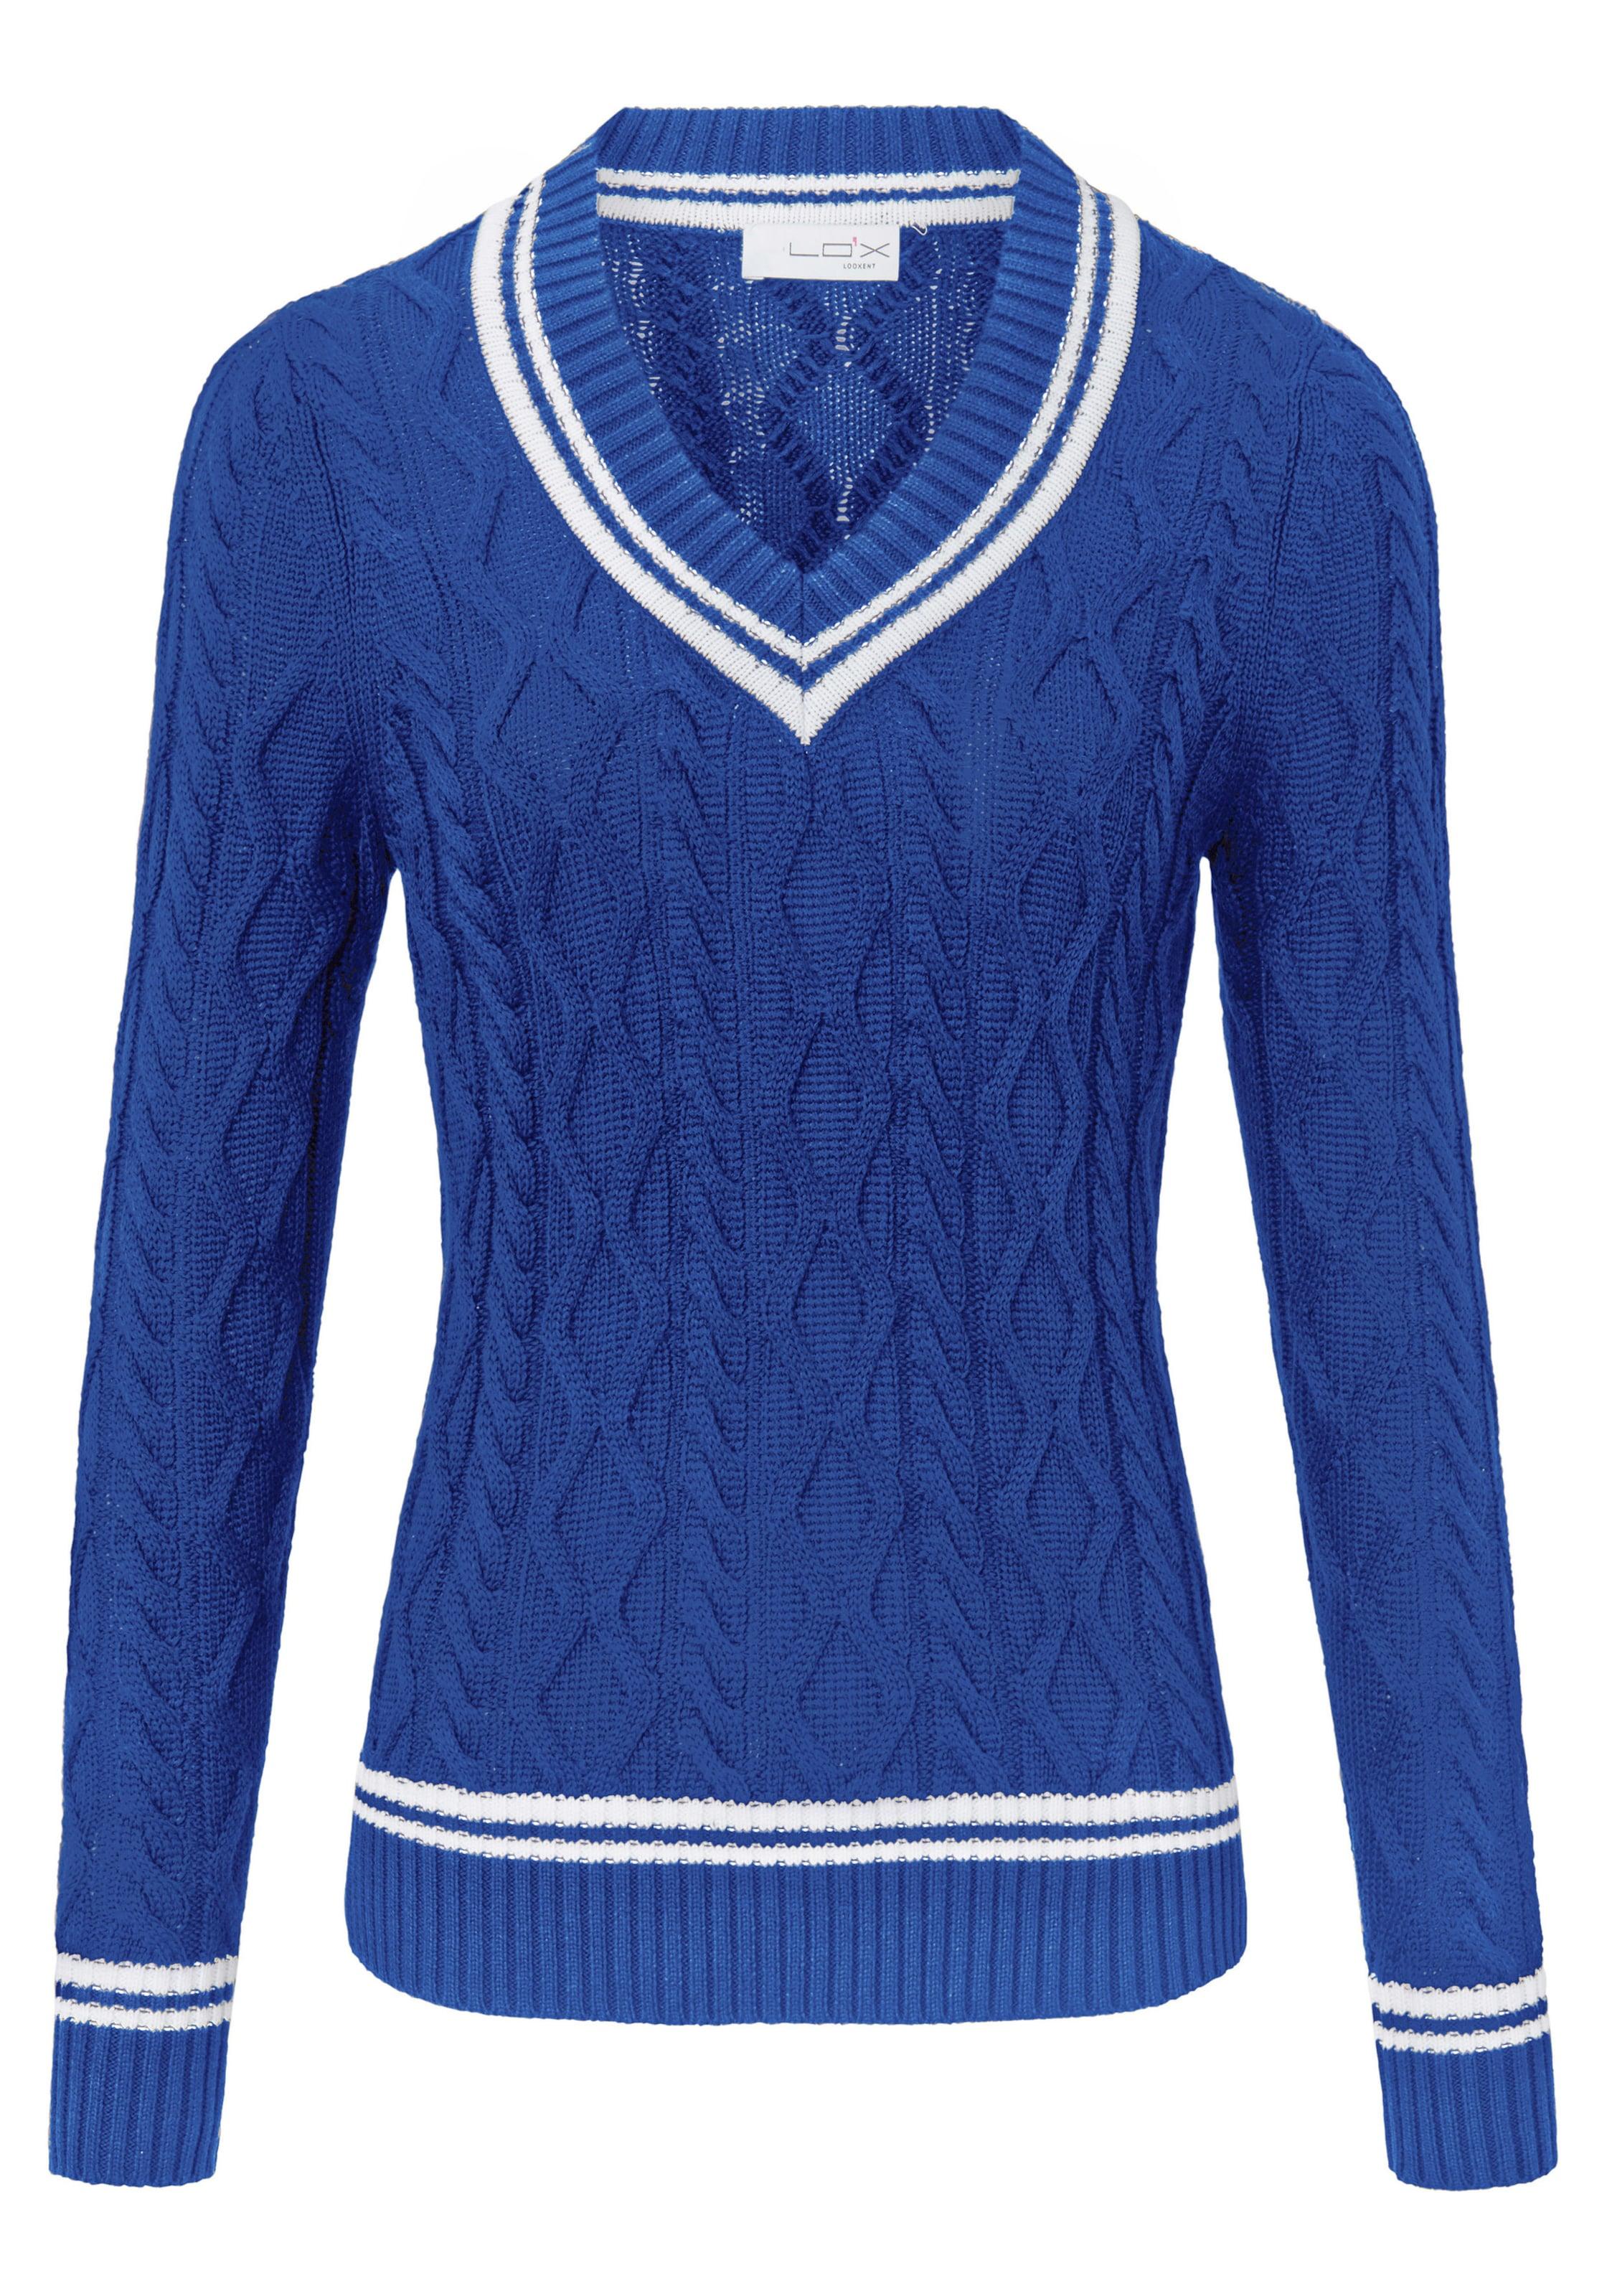 BlauWeiß In Looxent In In BlauWeiß Pullover BlauWeiß Pullover Pullover Looxent Looxent IfYmbgv67y